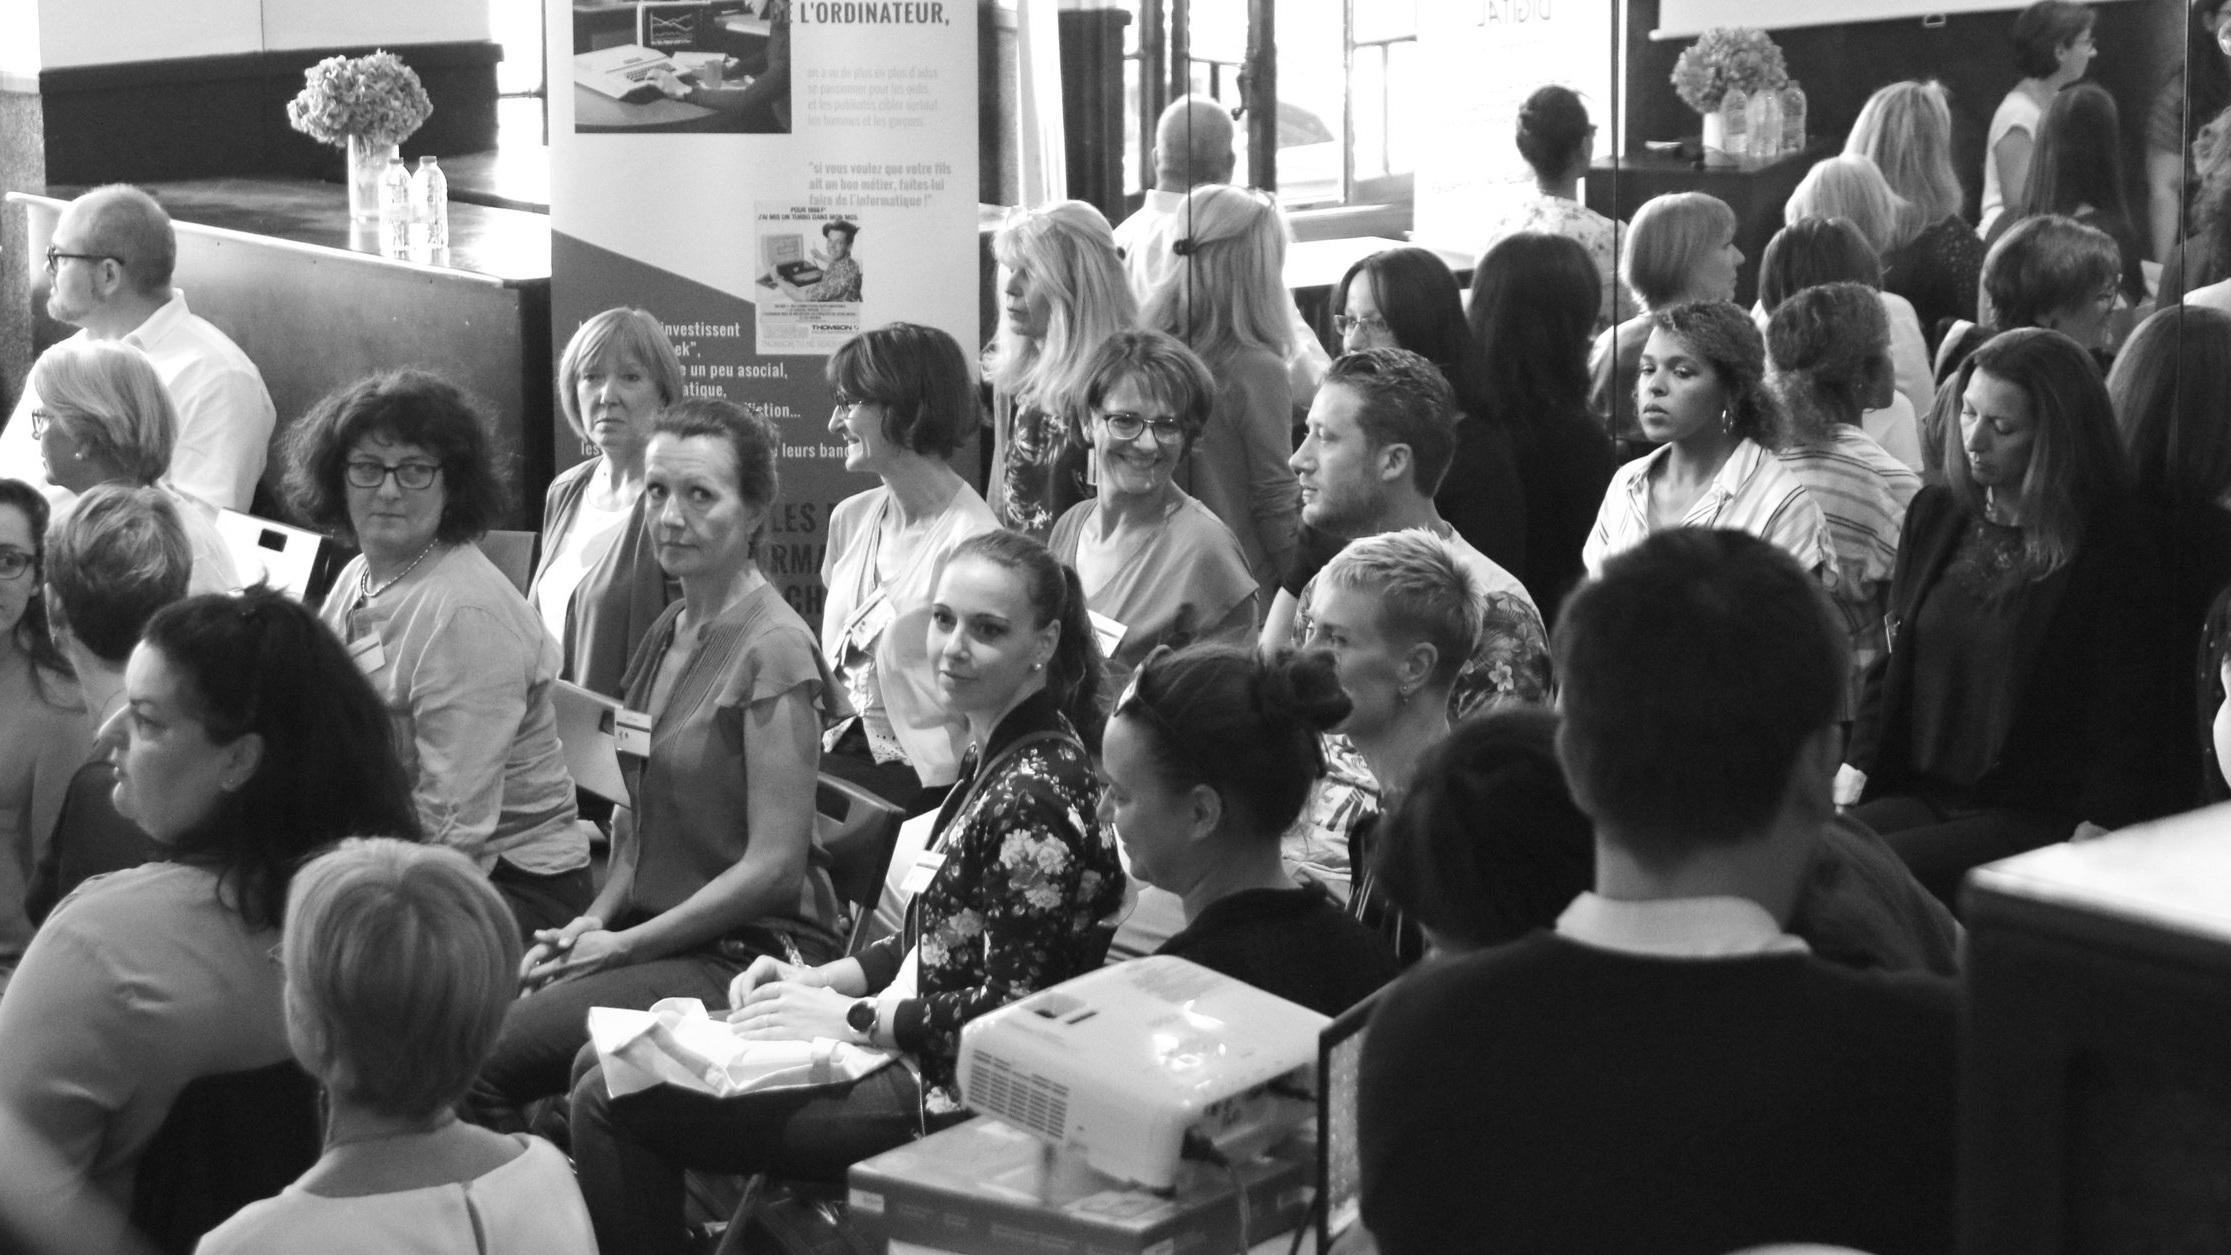 DIGITAL DATING À CLERMONT-FERRAND, LE 03 AVRIL 2019 - Participez à une matinale innovante pour connecter les besoins des entreprises avec les talents féminins de 09h00 à 12h30. Au programme : réforme de la formation et rencontres pour trouver des solutions.